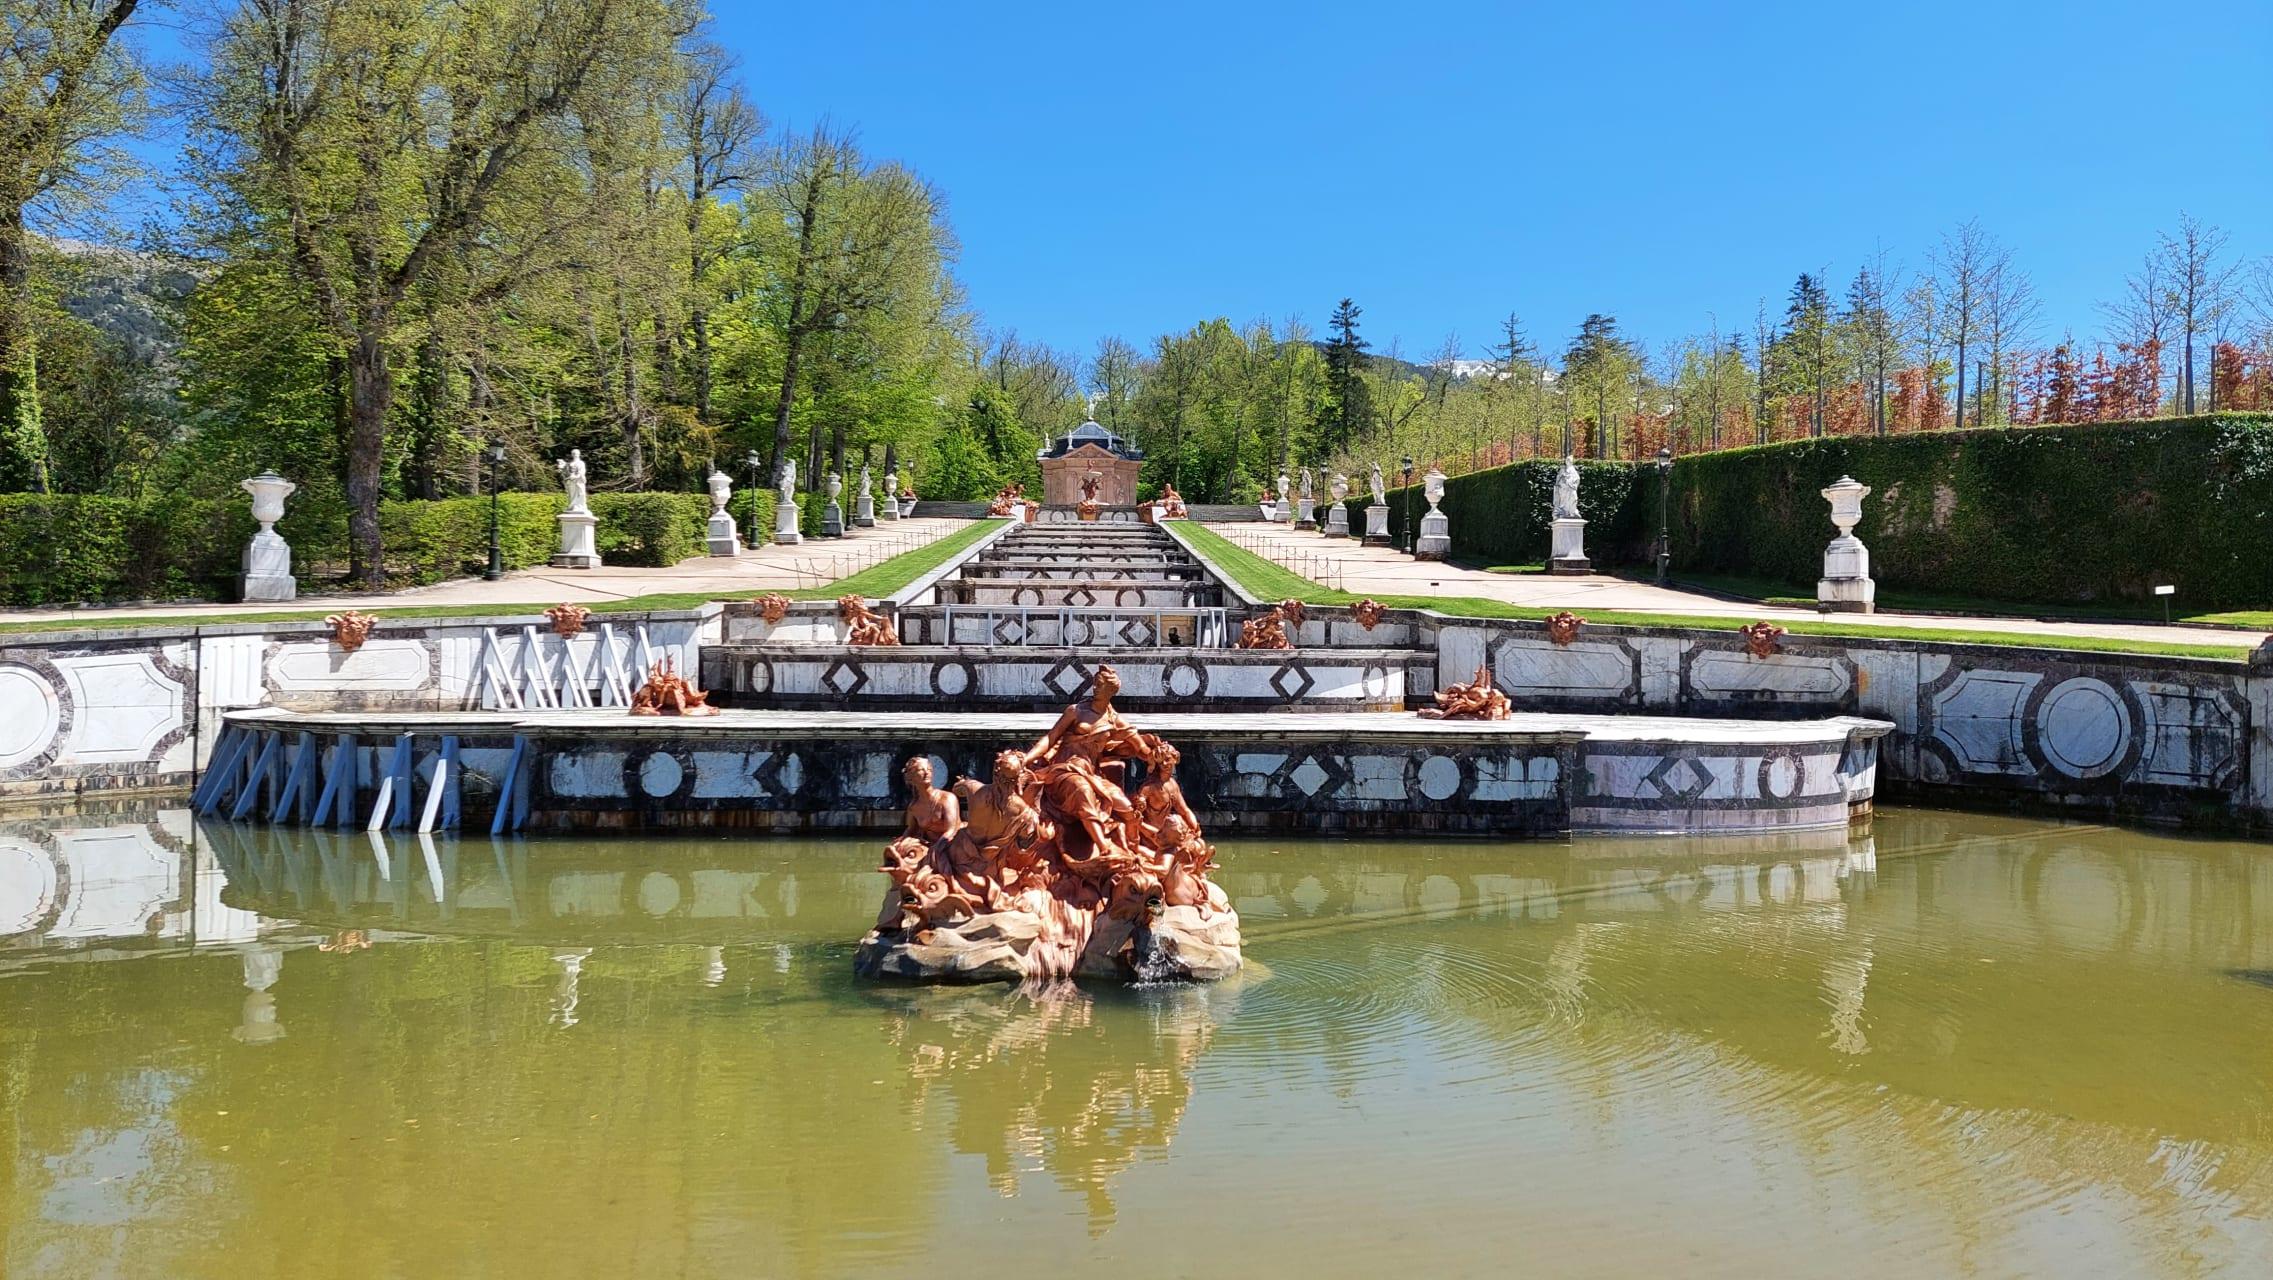 Segovia - The Gardens of La Granja Palace in Segovia